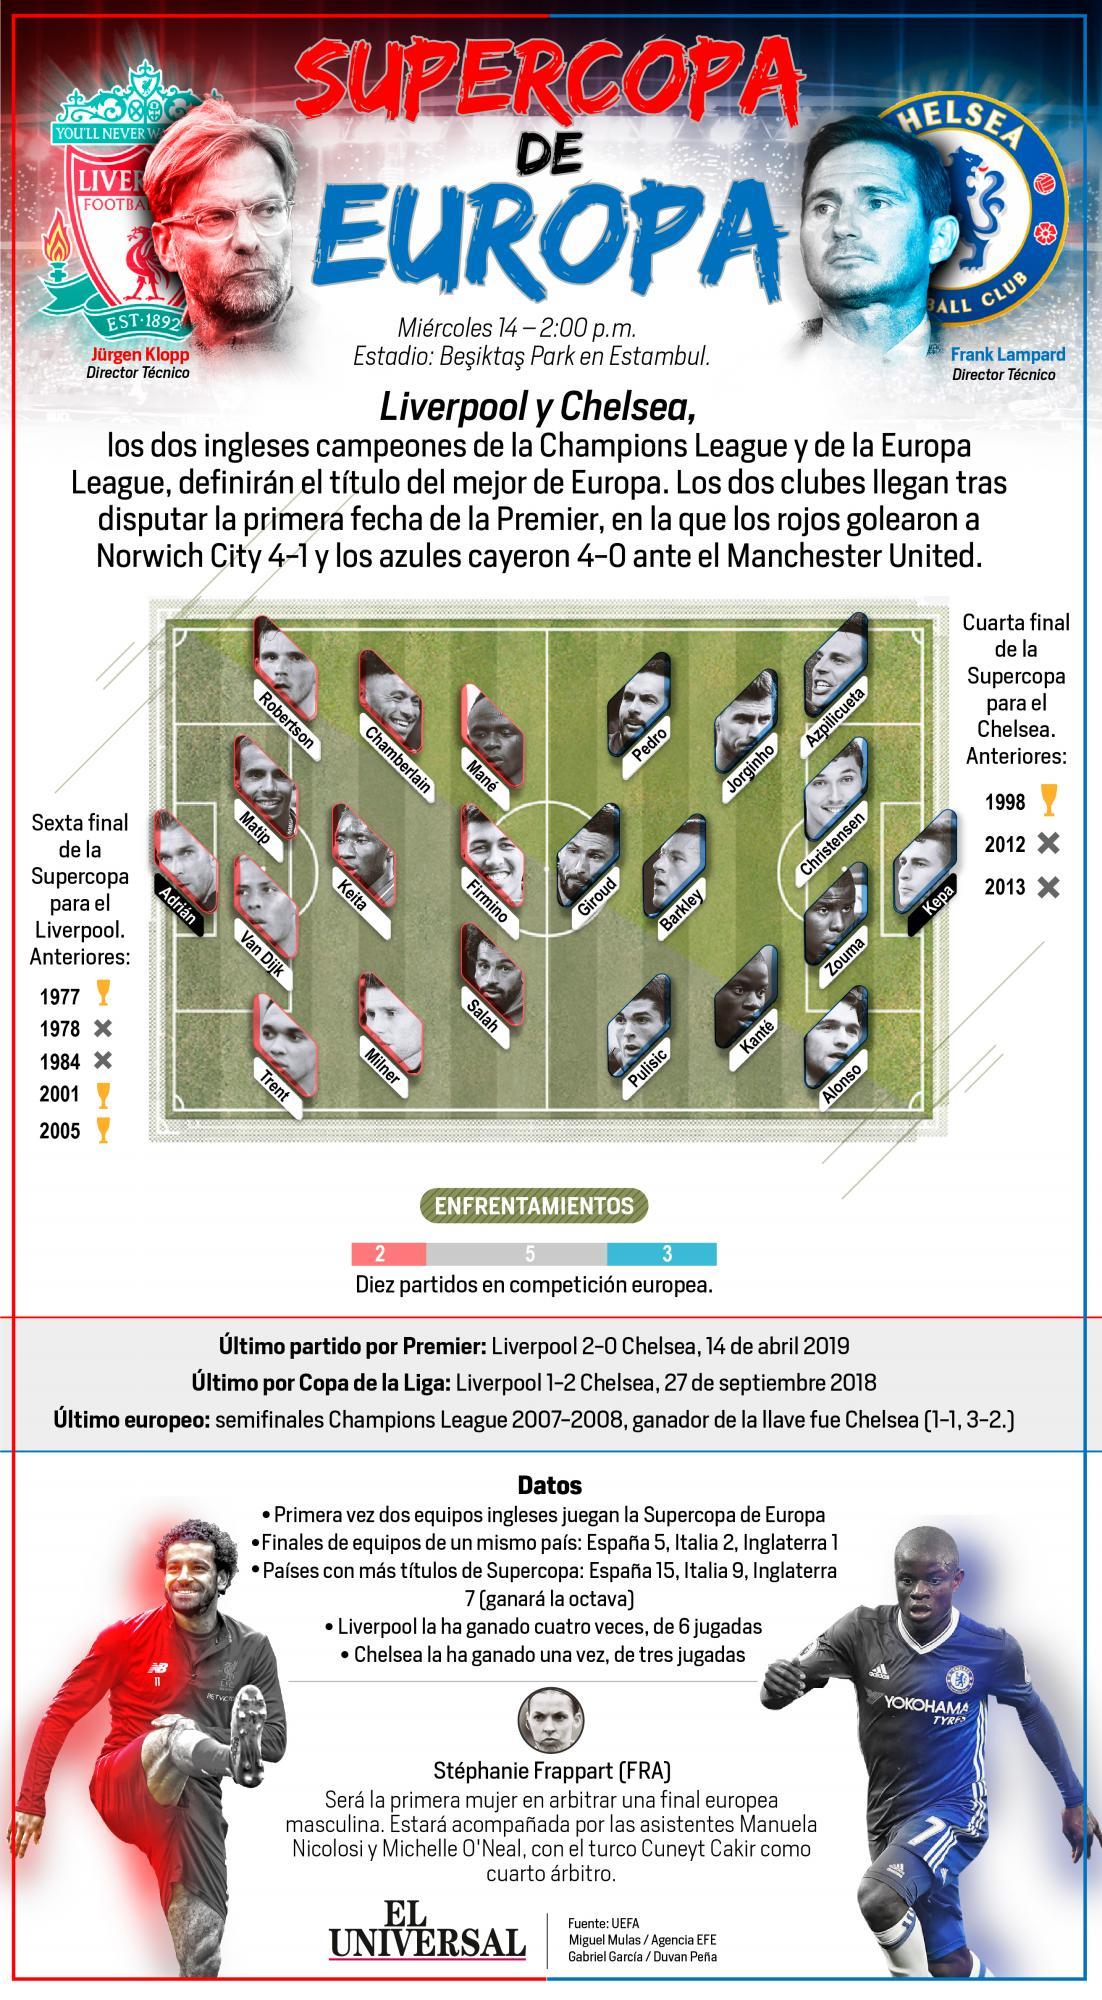 [Infografía] Liverpool y Chelsea definen al campeón de Europa